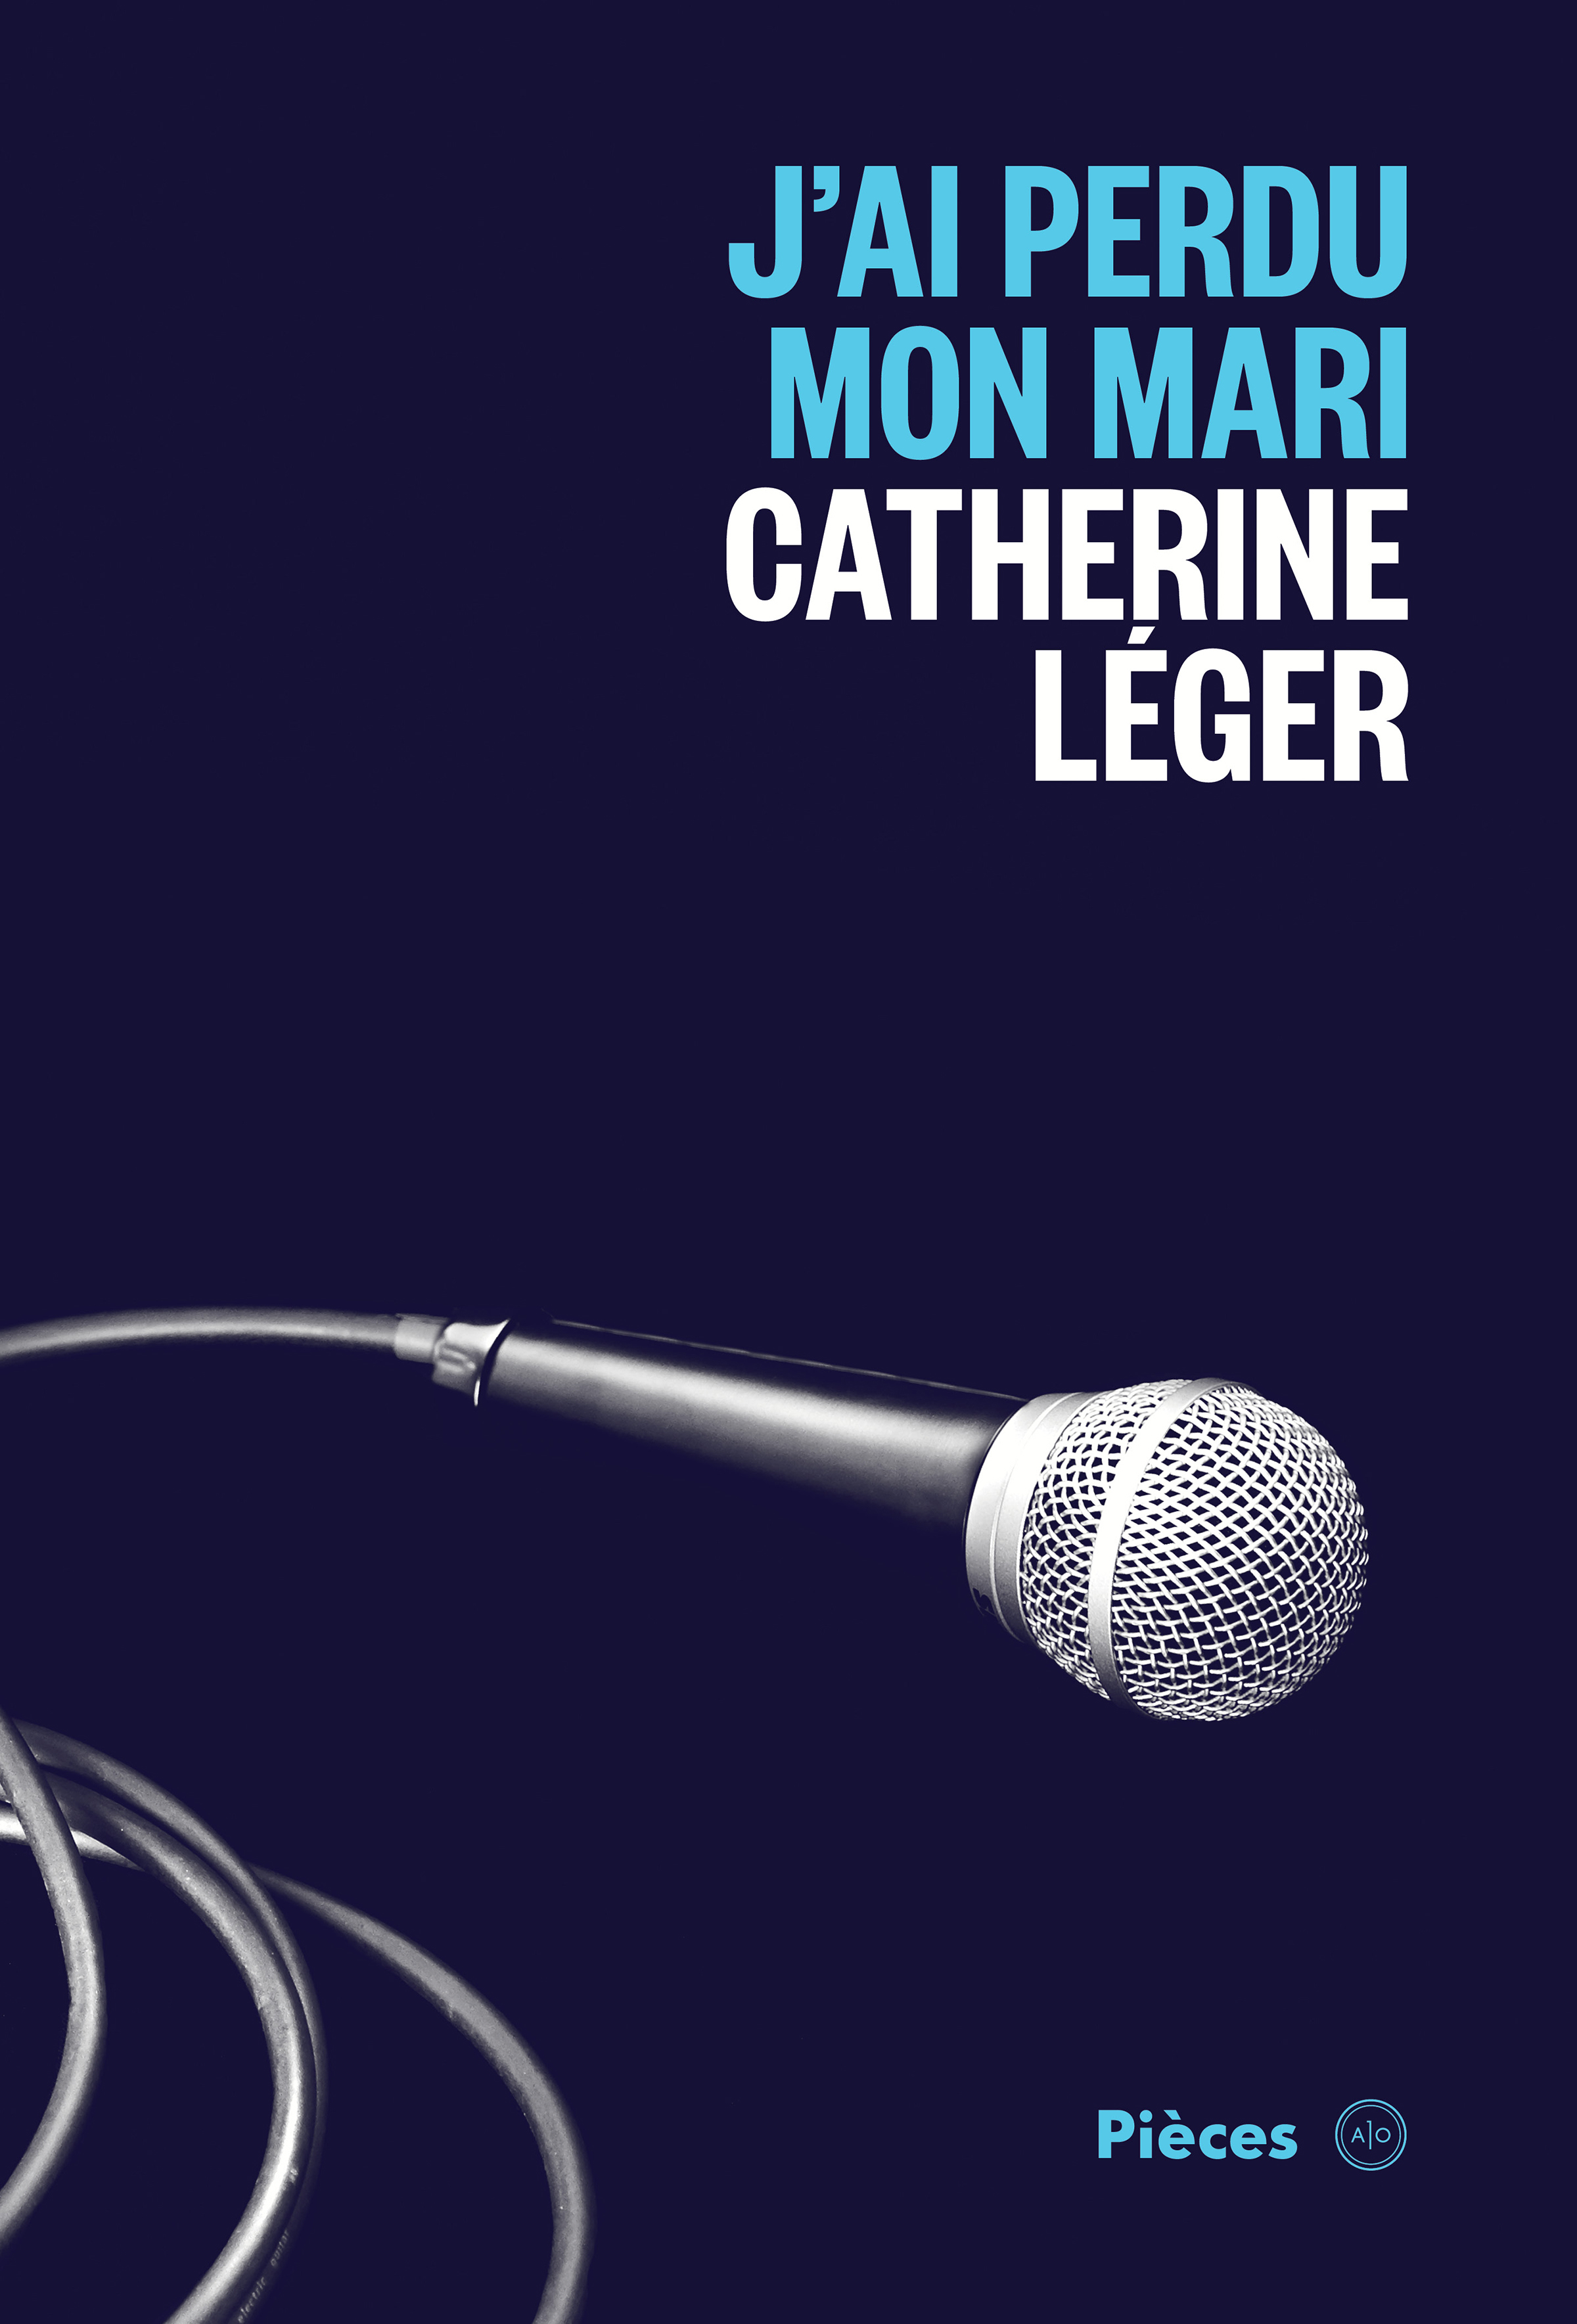 Couverture : Pièces T.4: J'ai perdu mon mari Catherine Léger